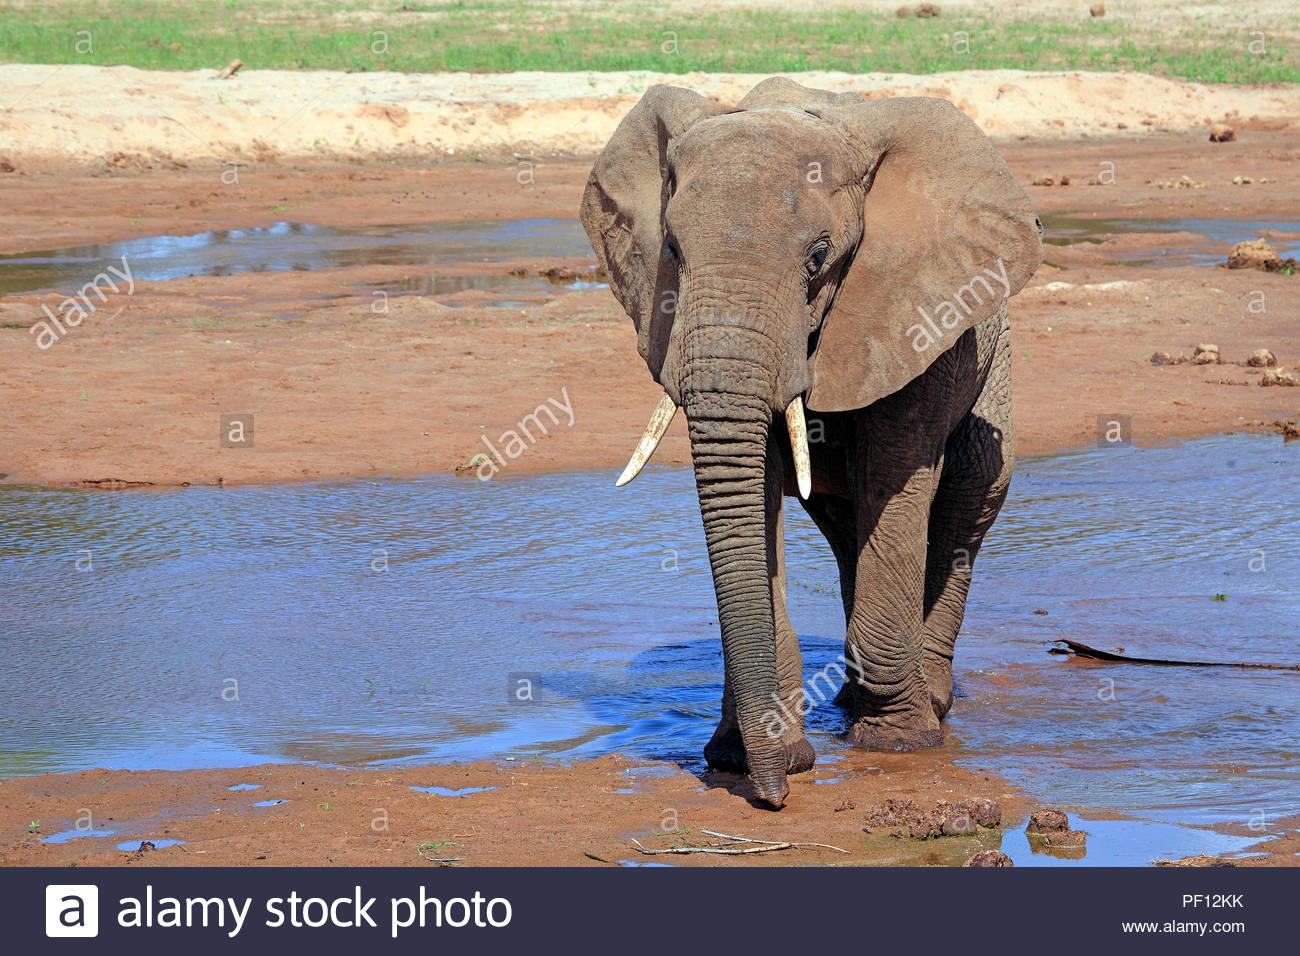 Afrikanischer Elefant (Loxodonta africana), Samburu, Kenia | African bush elephant or African elephant (Loxodonta africana), adult, Samburu, Kenya - Stock Image